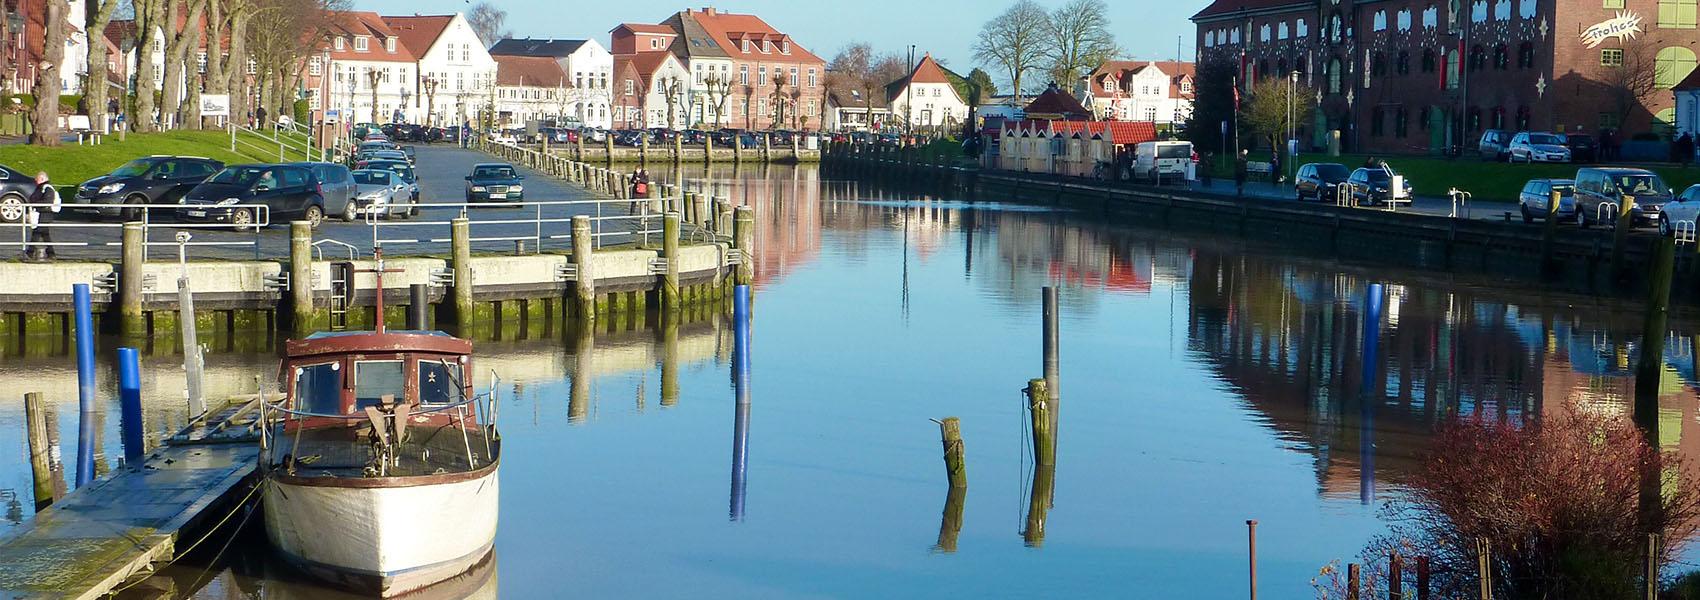 Tönninger Hafen